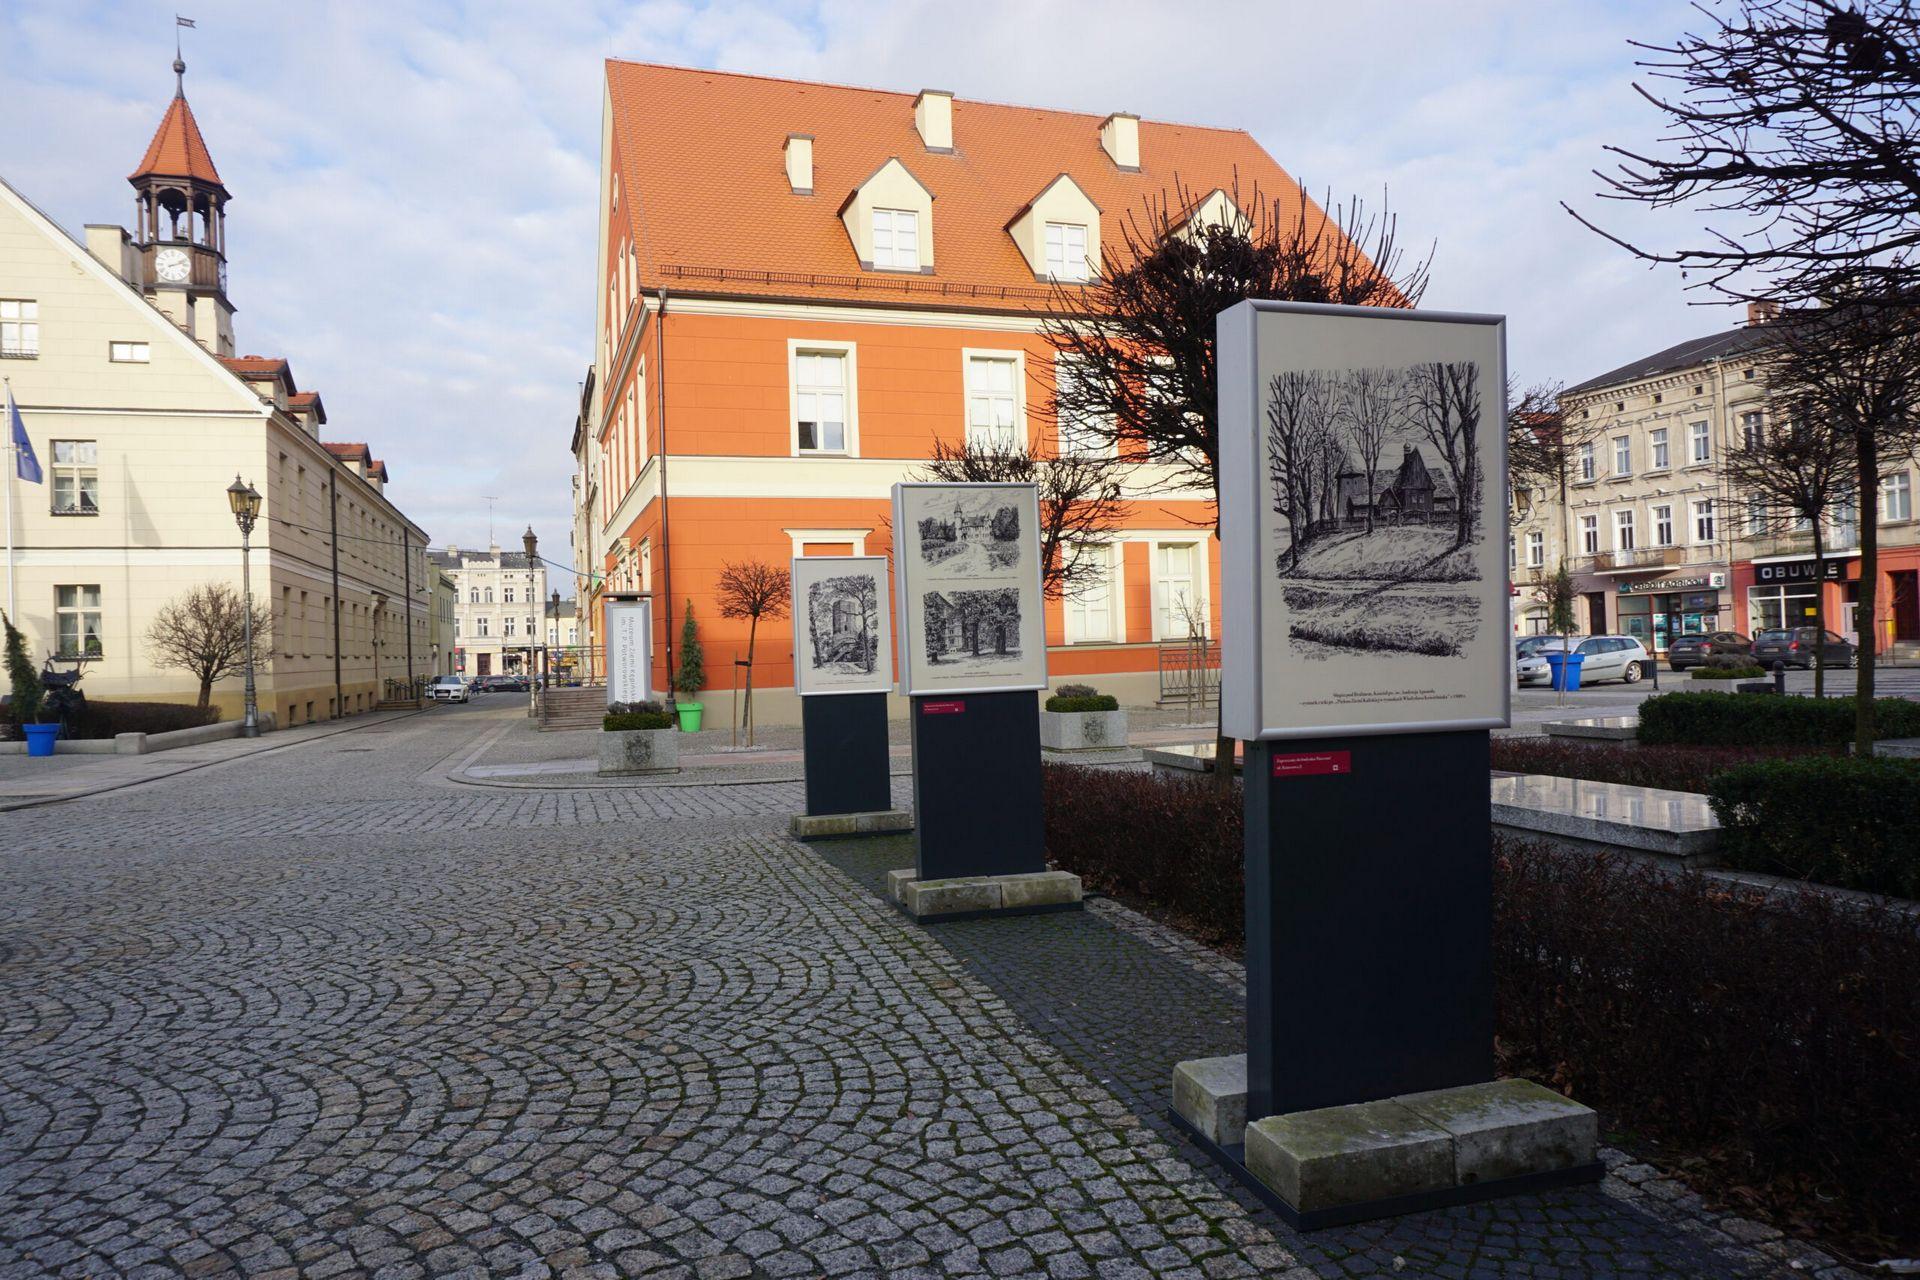 Widok plansz w trzech gablotach w tle budynek Muzeum i Ratusz